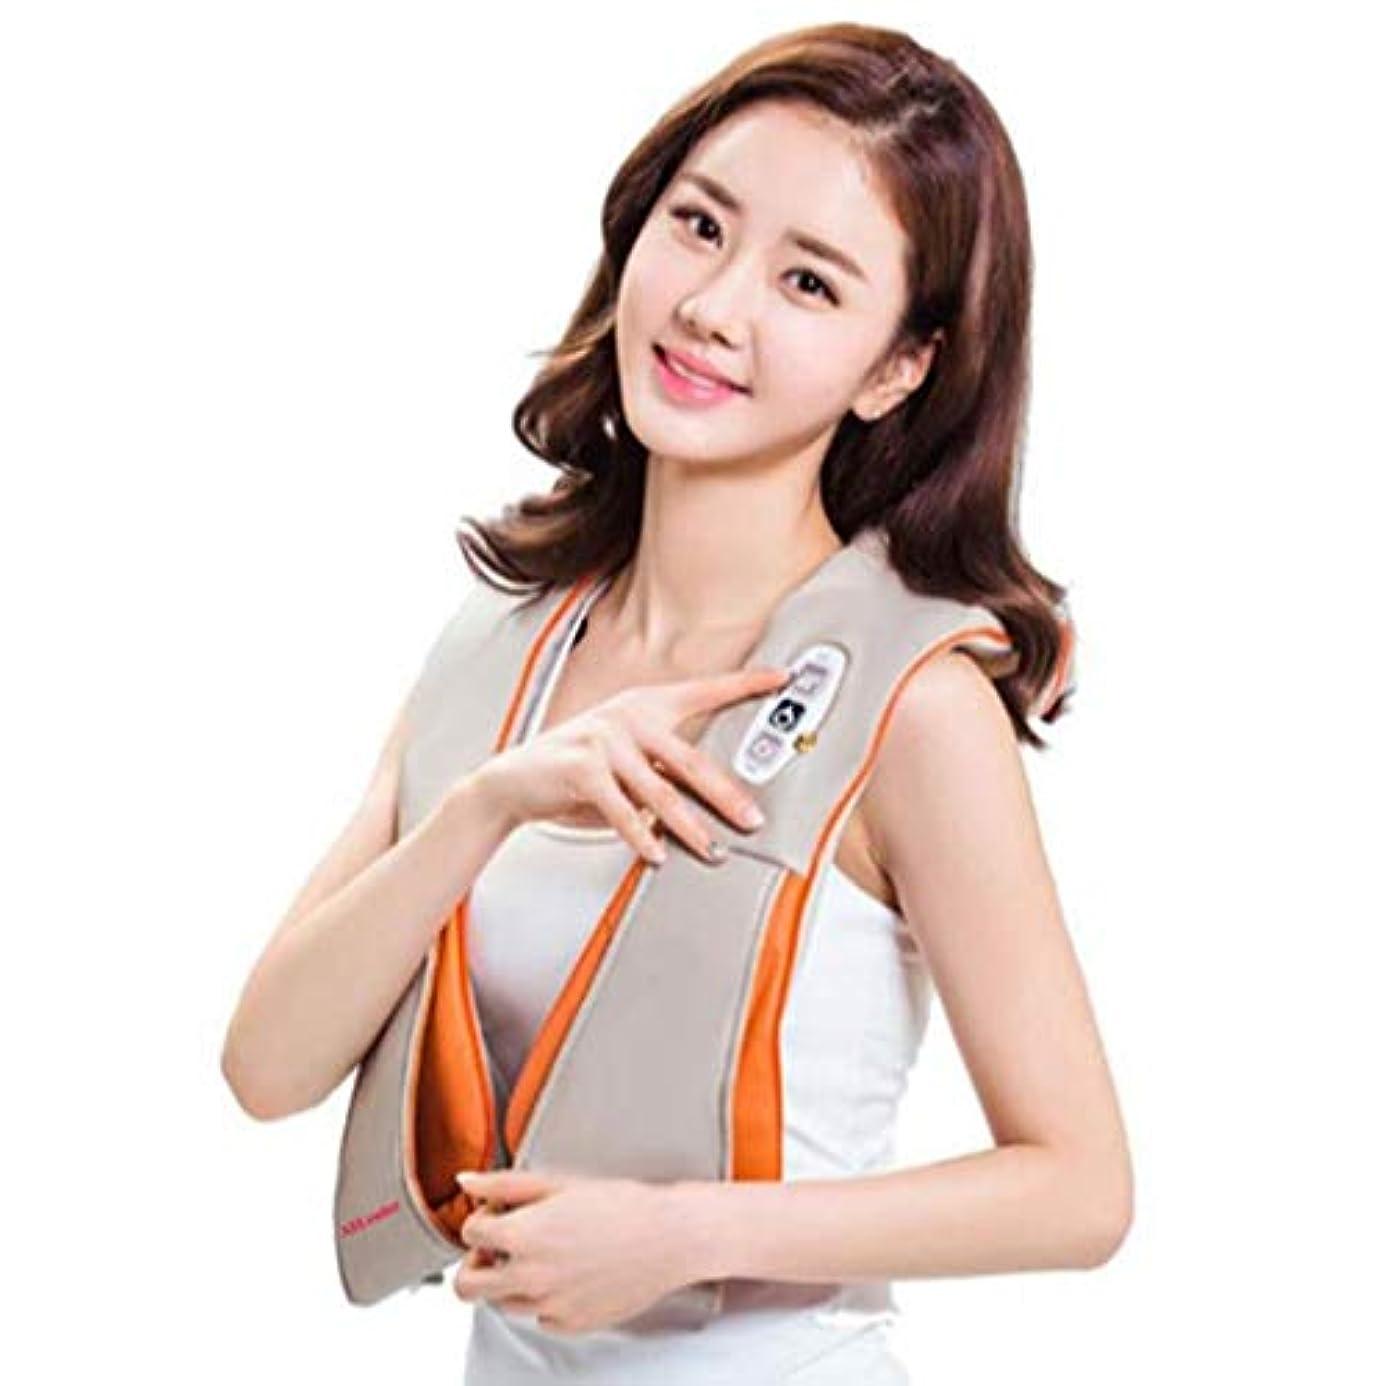 セーブカテナモール首のマッサージャー、調節可能な強さのための熱および深いティッシュの混練のマッサージの指圧の肩のマッサージャー、事務車で使用することができます